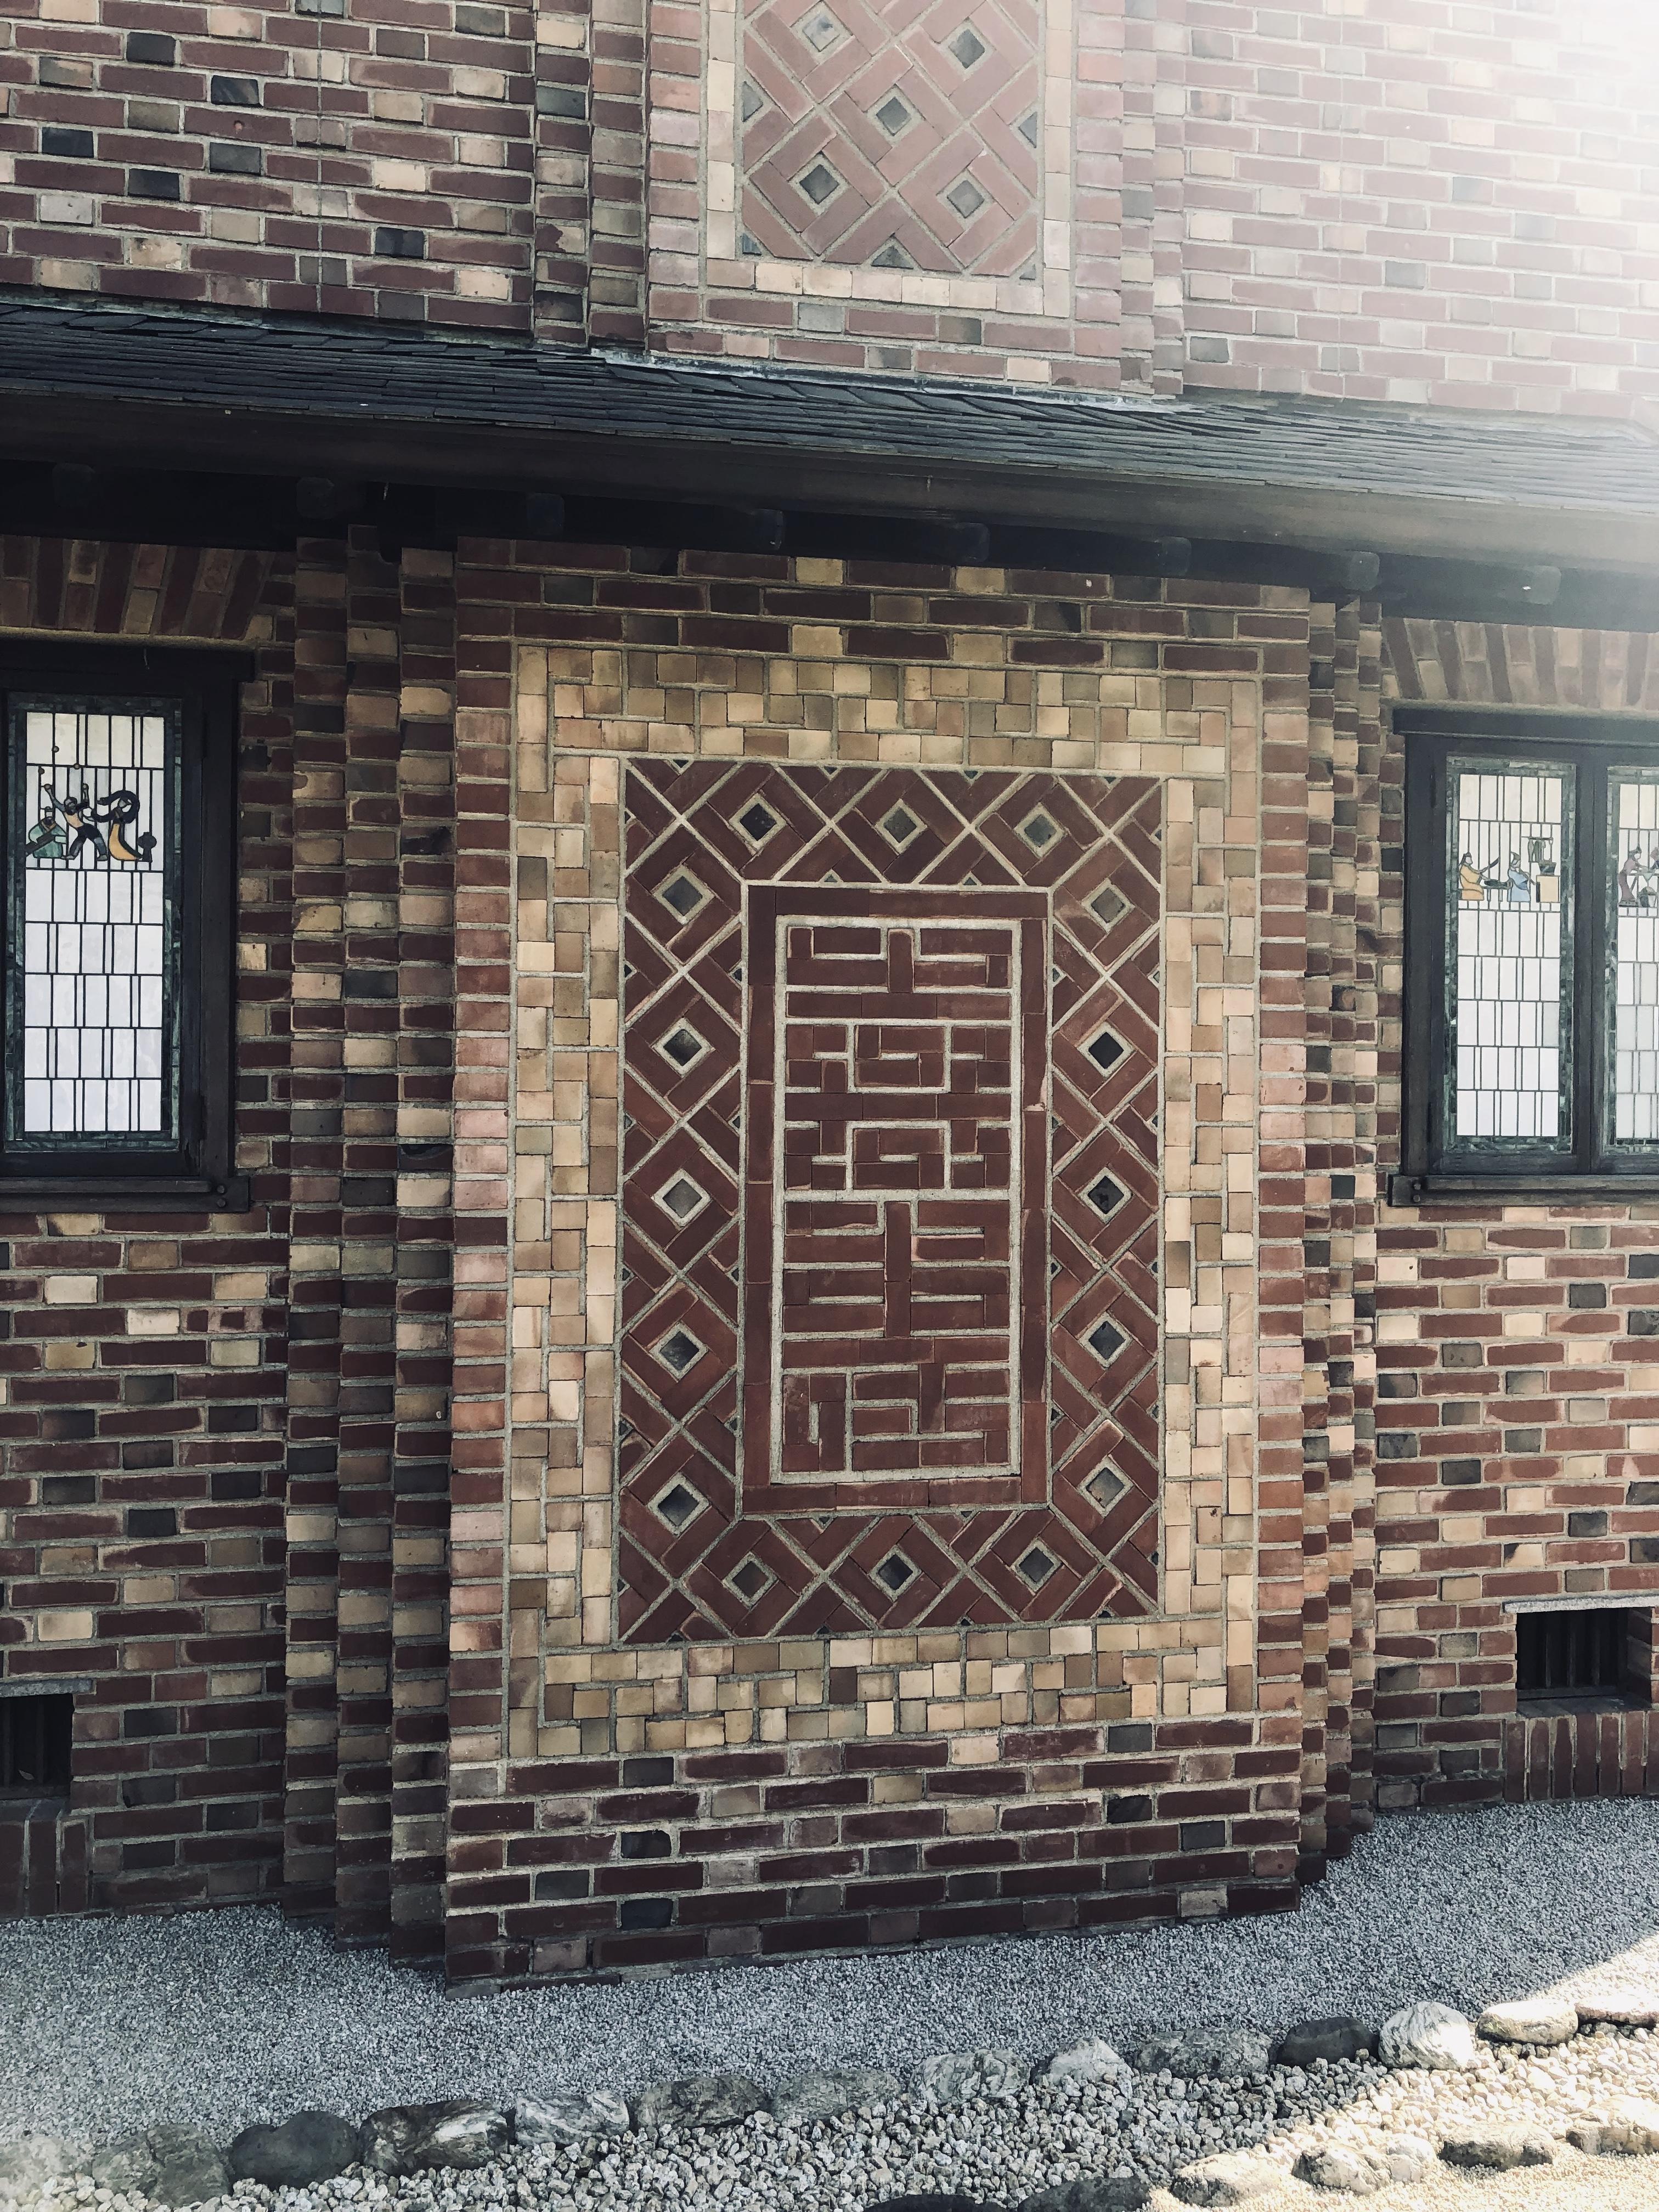 誠之堂「煉瓦で描かれた『喜寿』」